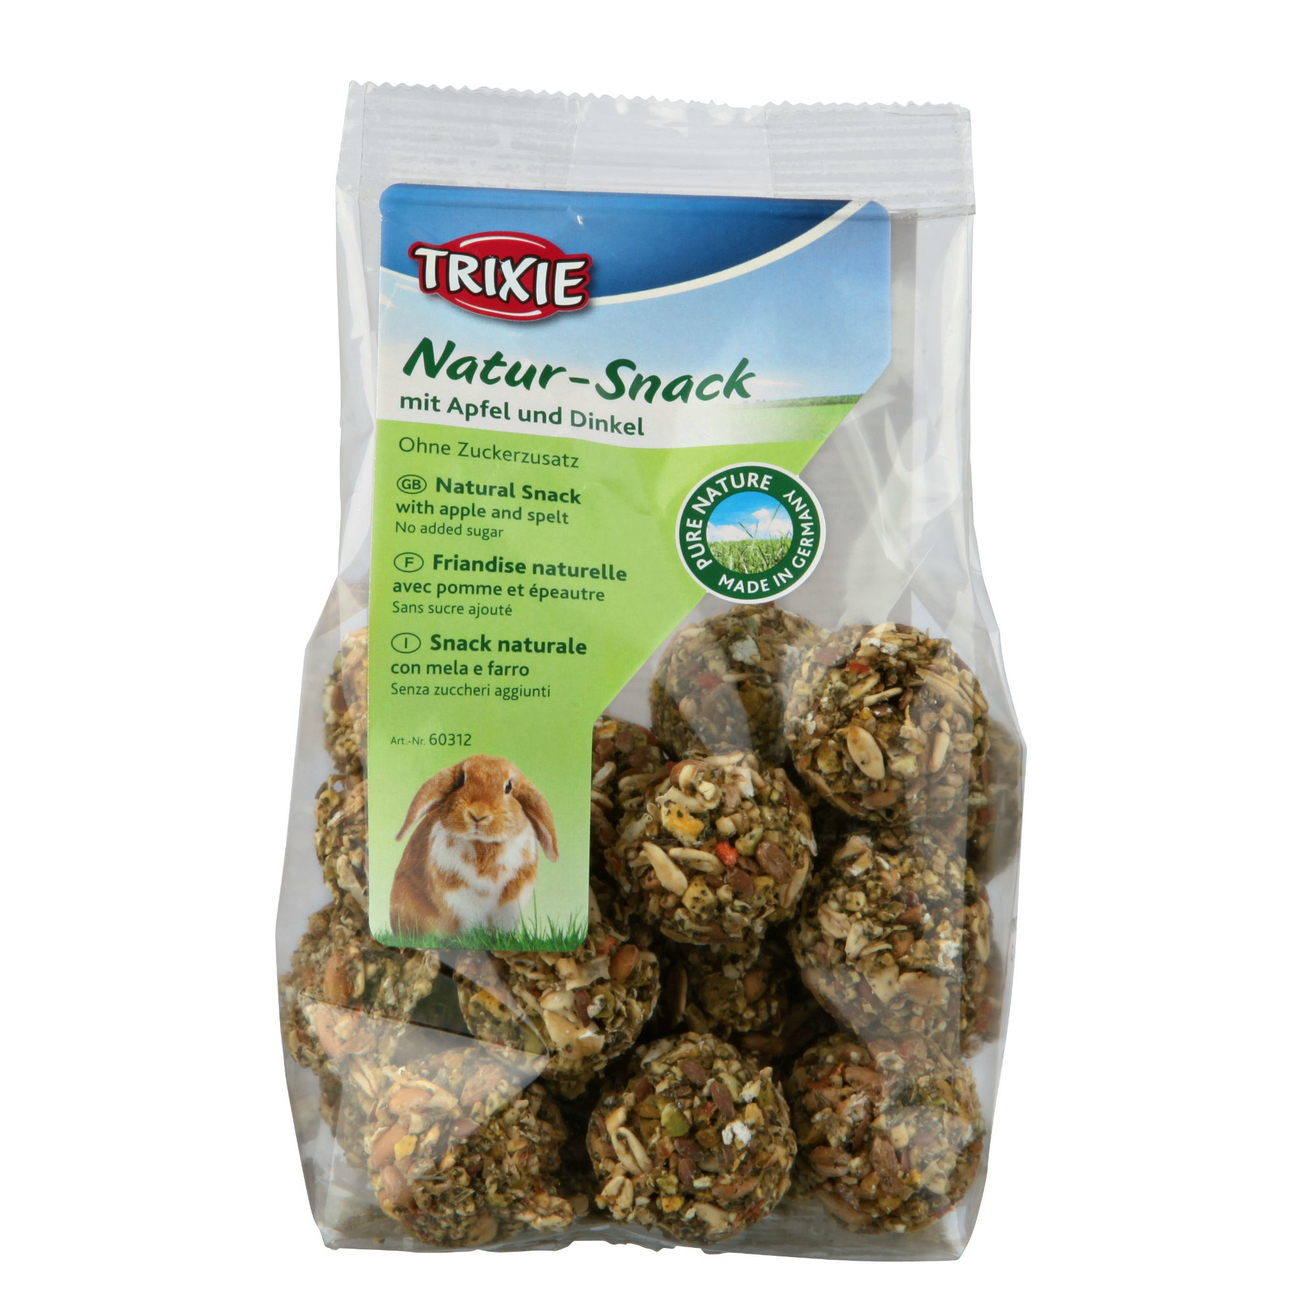 Trixie Pure Nature Natur-Snack Bällchen für Kleintiere 60312, Bild 3